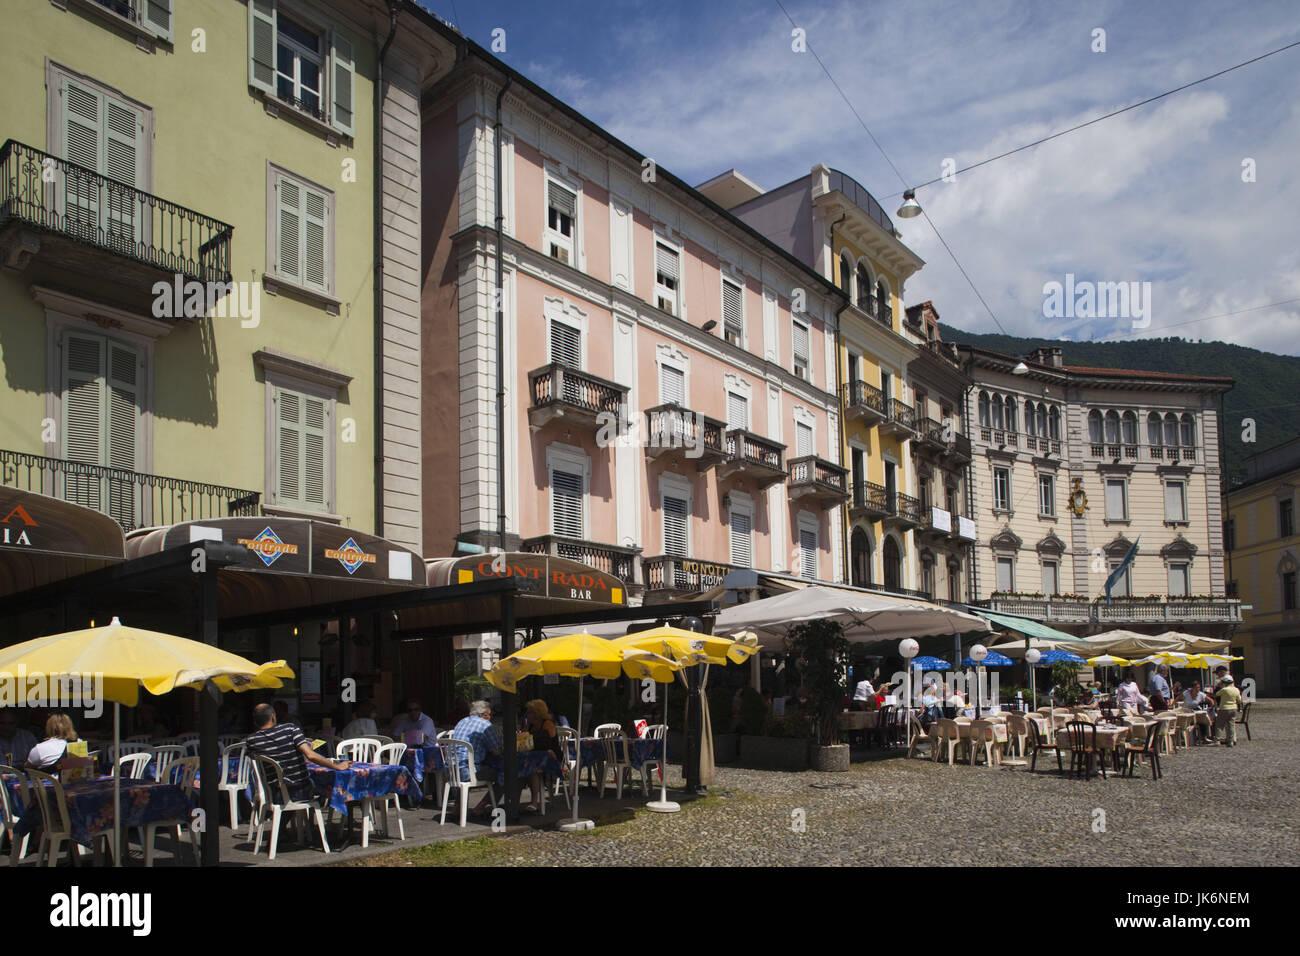 Switzerland, Ticino, Lake Maggiore, Locarno, buildings on Piazza Grande - Stock Image